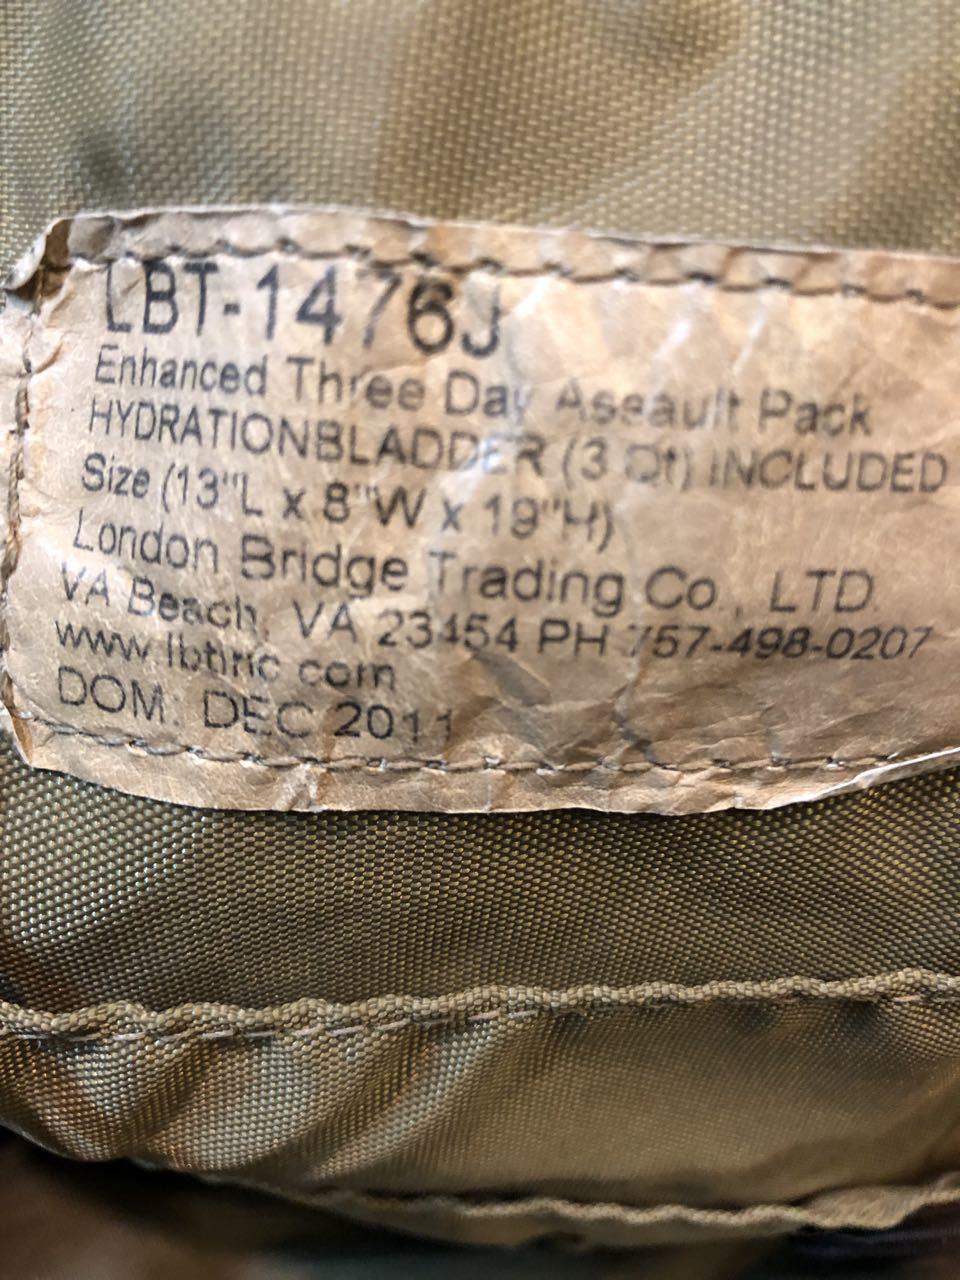 2011年製 U.S AIR FORCE ! U.S.A.F USED LBT-1476J Enhanced Three Day Assault  Pack!_c0144020_14435280.jpg